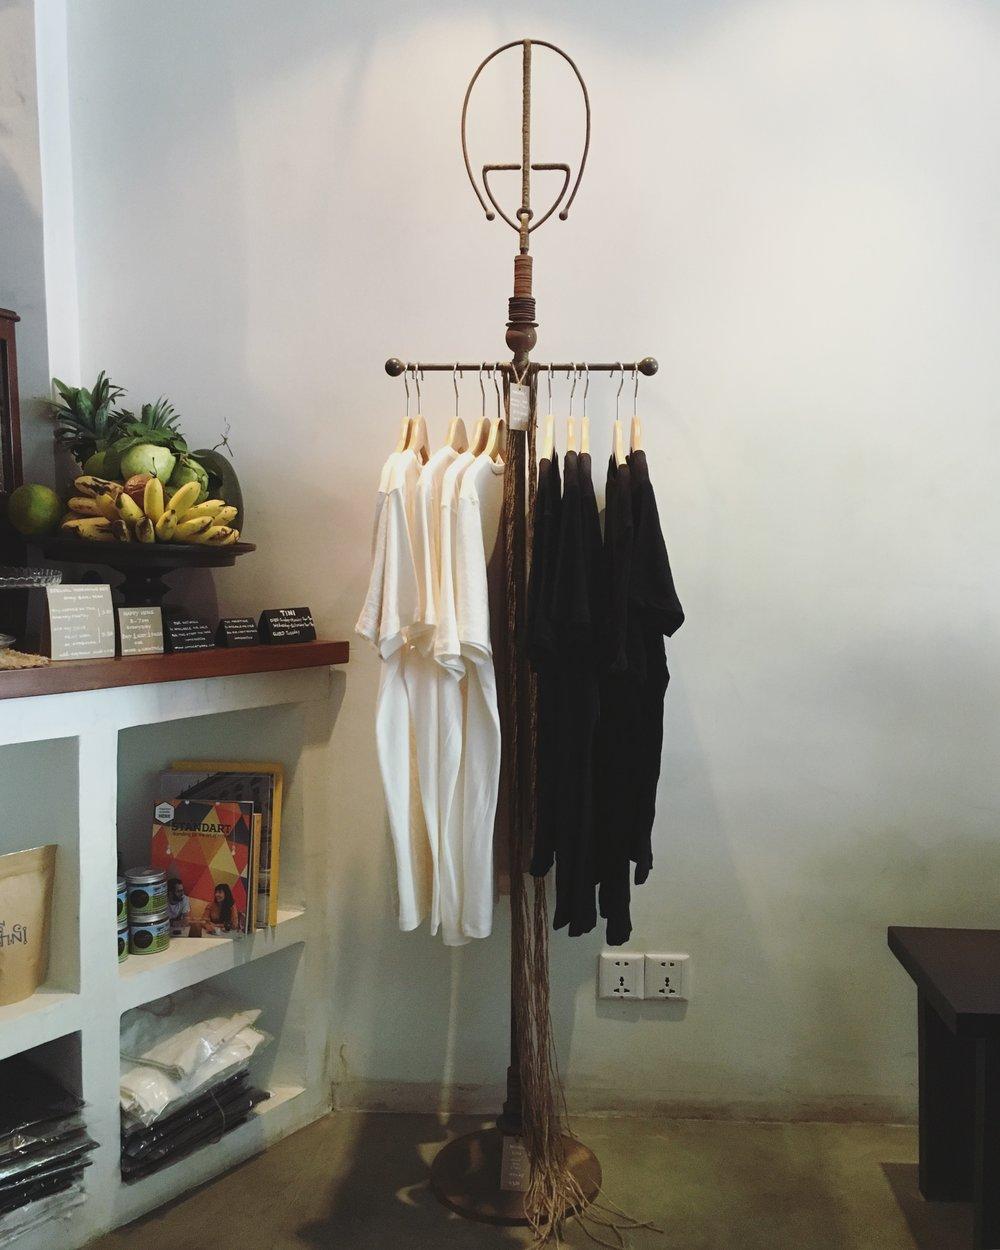 Sothea's sculpture displays his T-shirt designs at  TINI Cafe & Bar